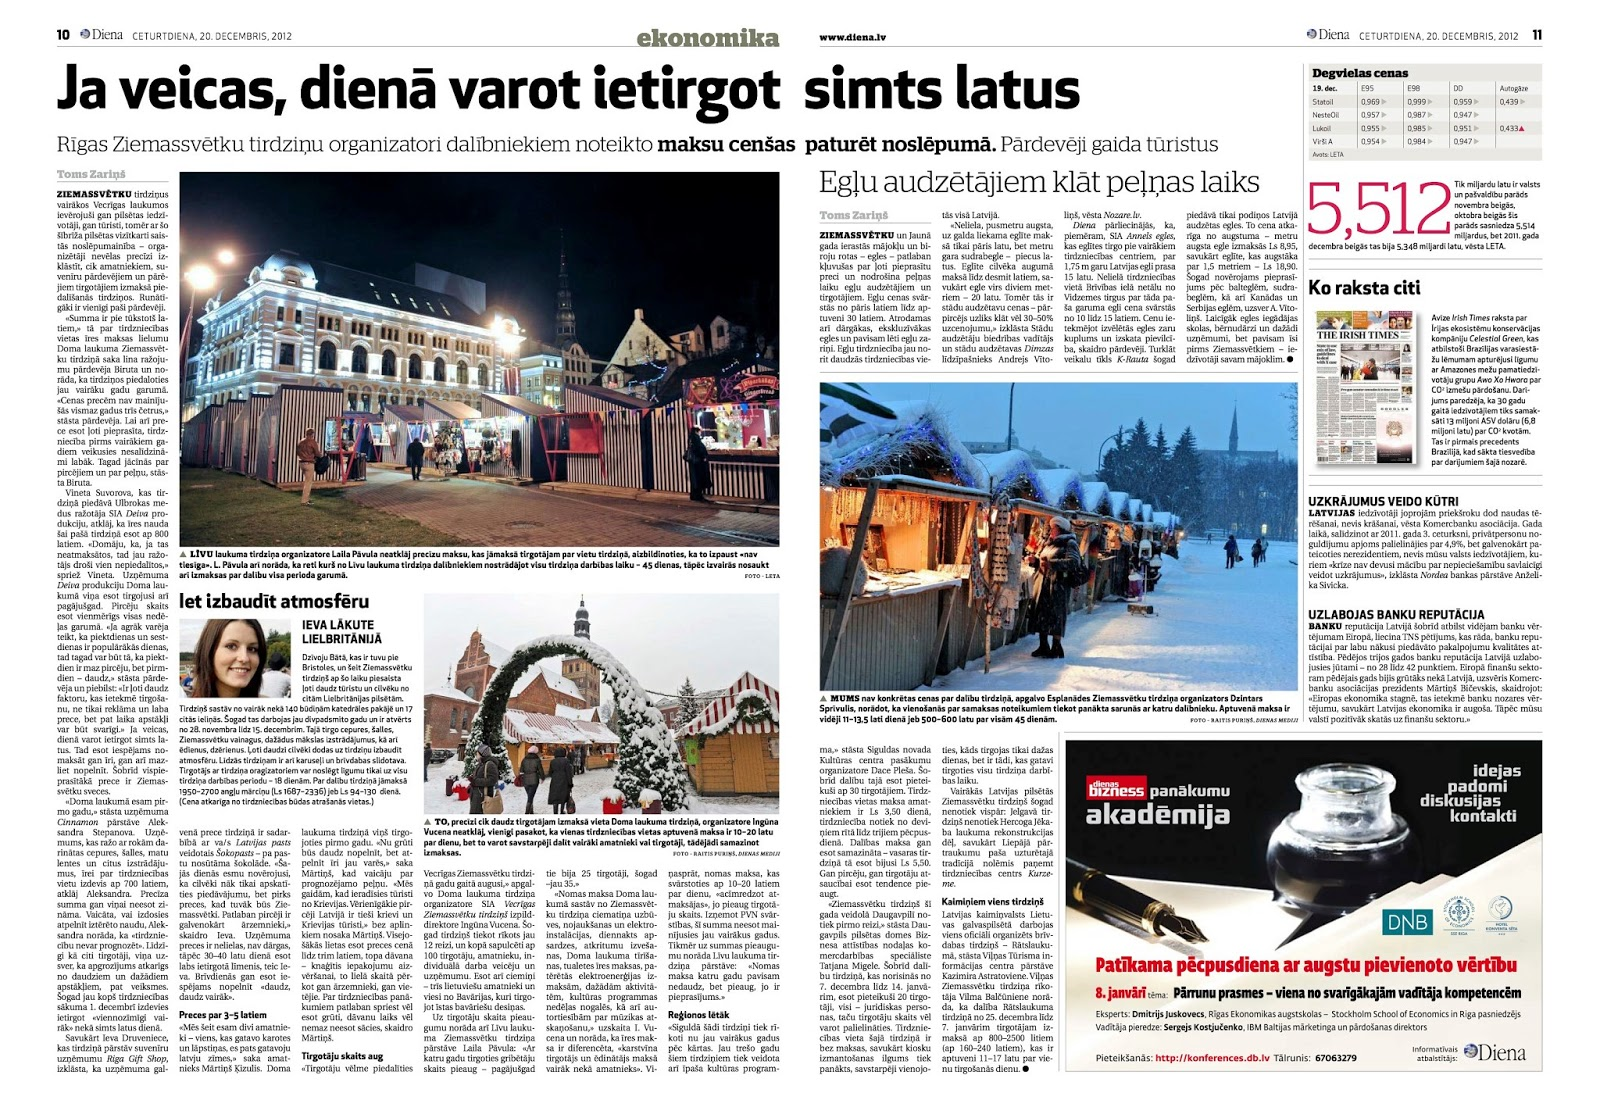 Ziemassvetku_tirdzini_12.2012